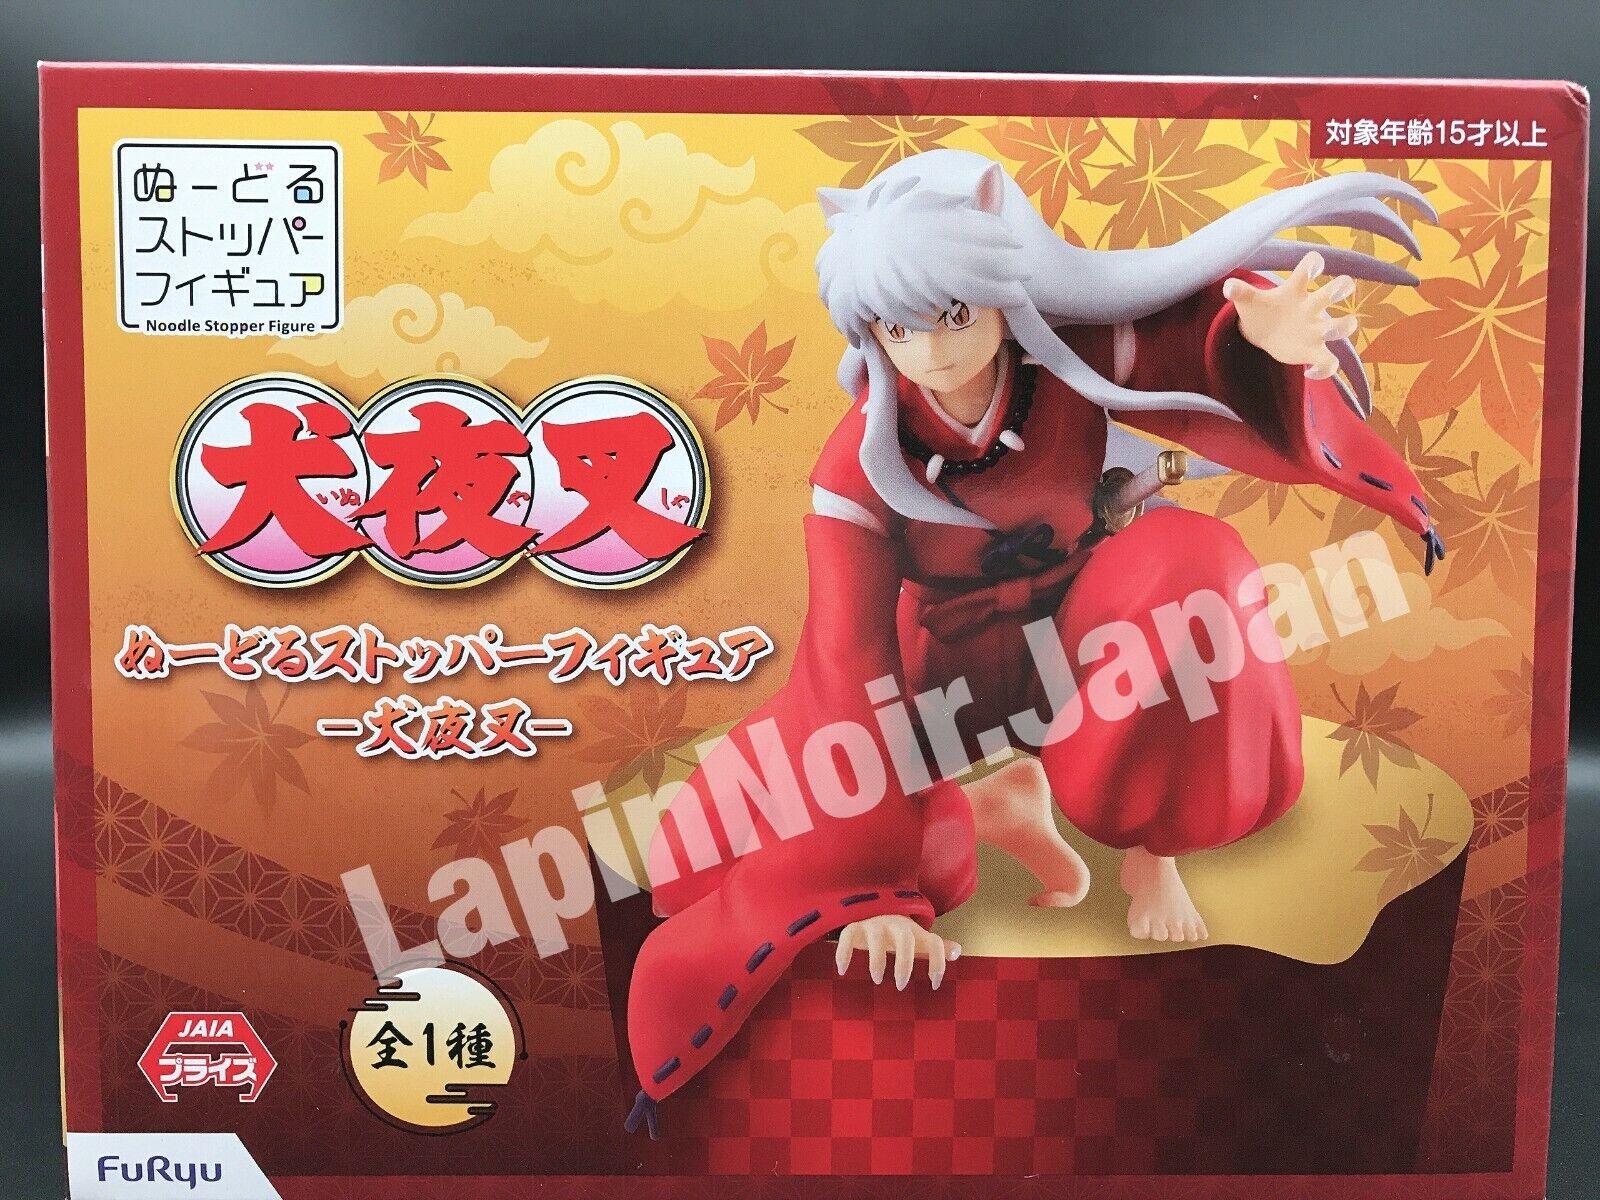 Inuyasha Noodle Stopper Inu Yasha Action Figure Anime Manga Toy 13cm FuRyu 2020